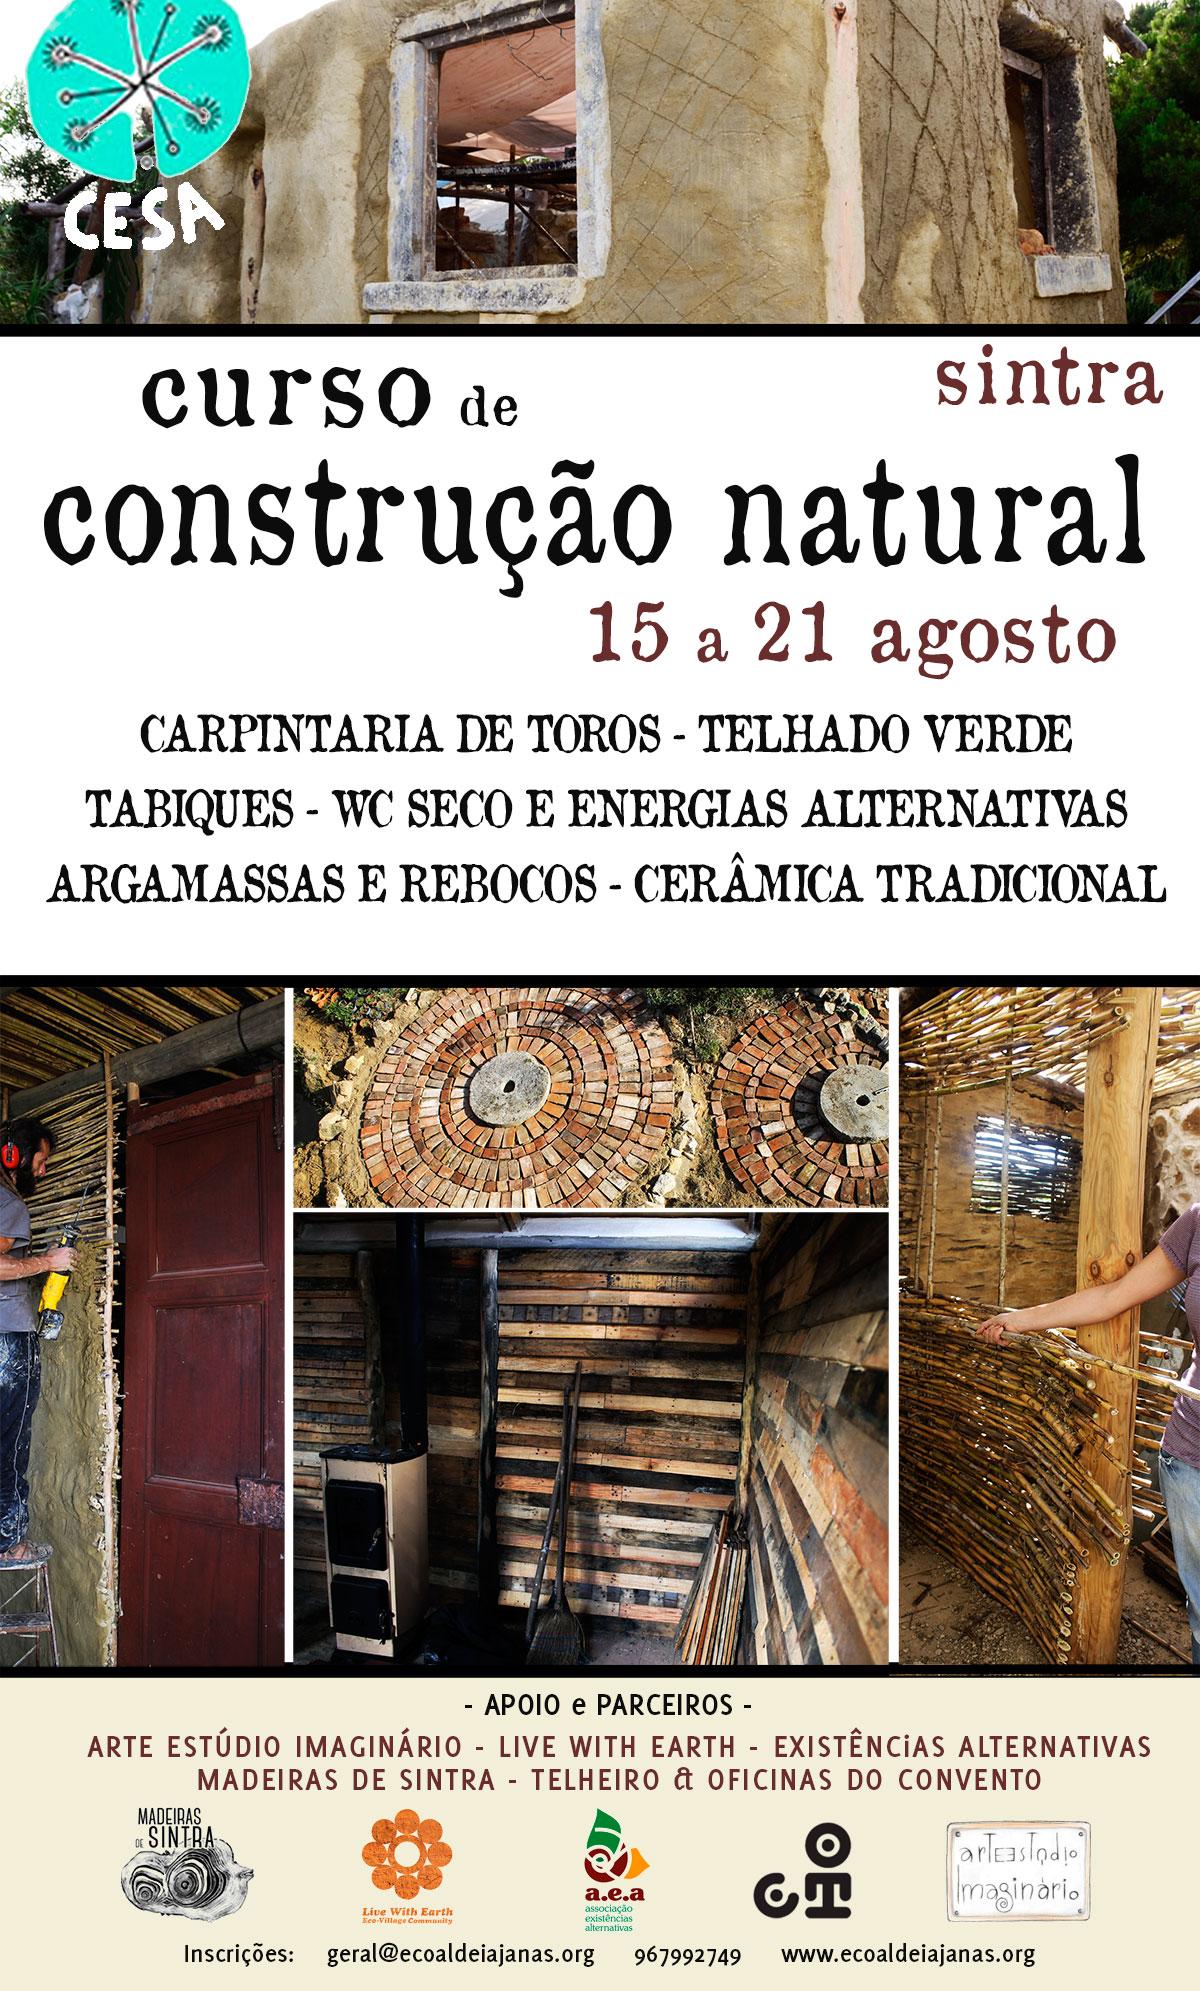 Curso de Construção Natural | 7 dias, 7 Técnicas, 7 Formadores